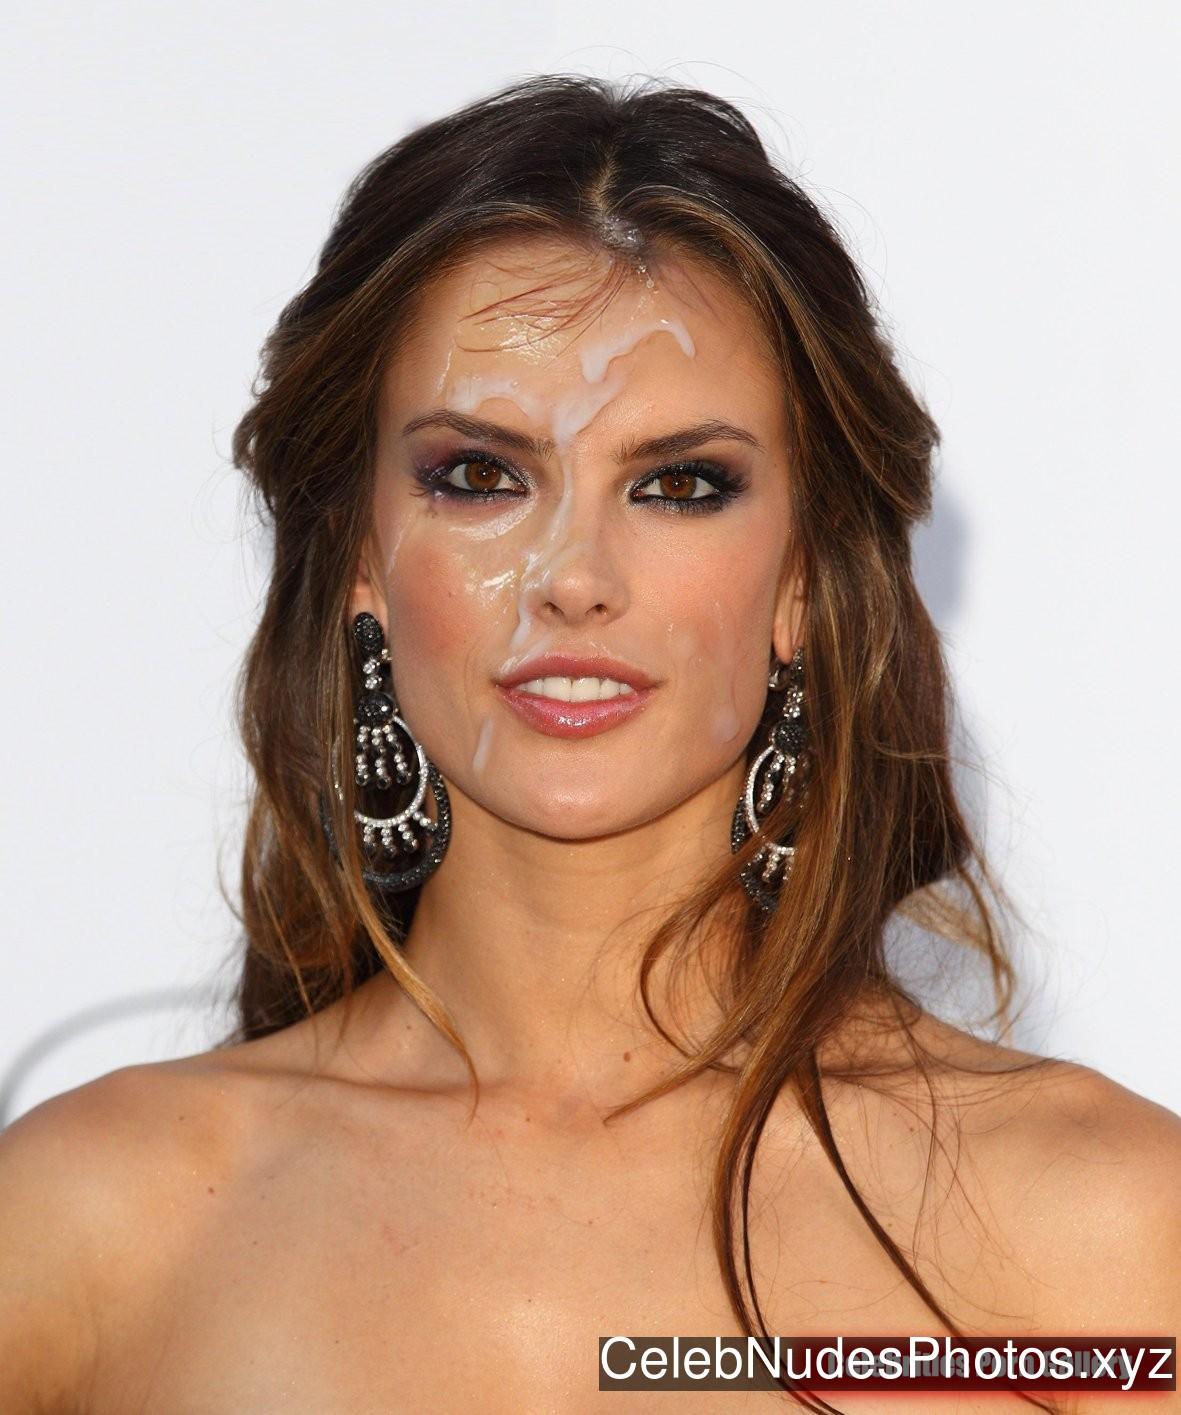 Alessandra Ambrosio Hot Naked Celeb sexy 6